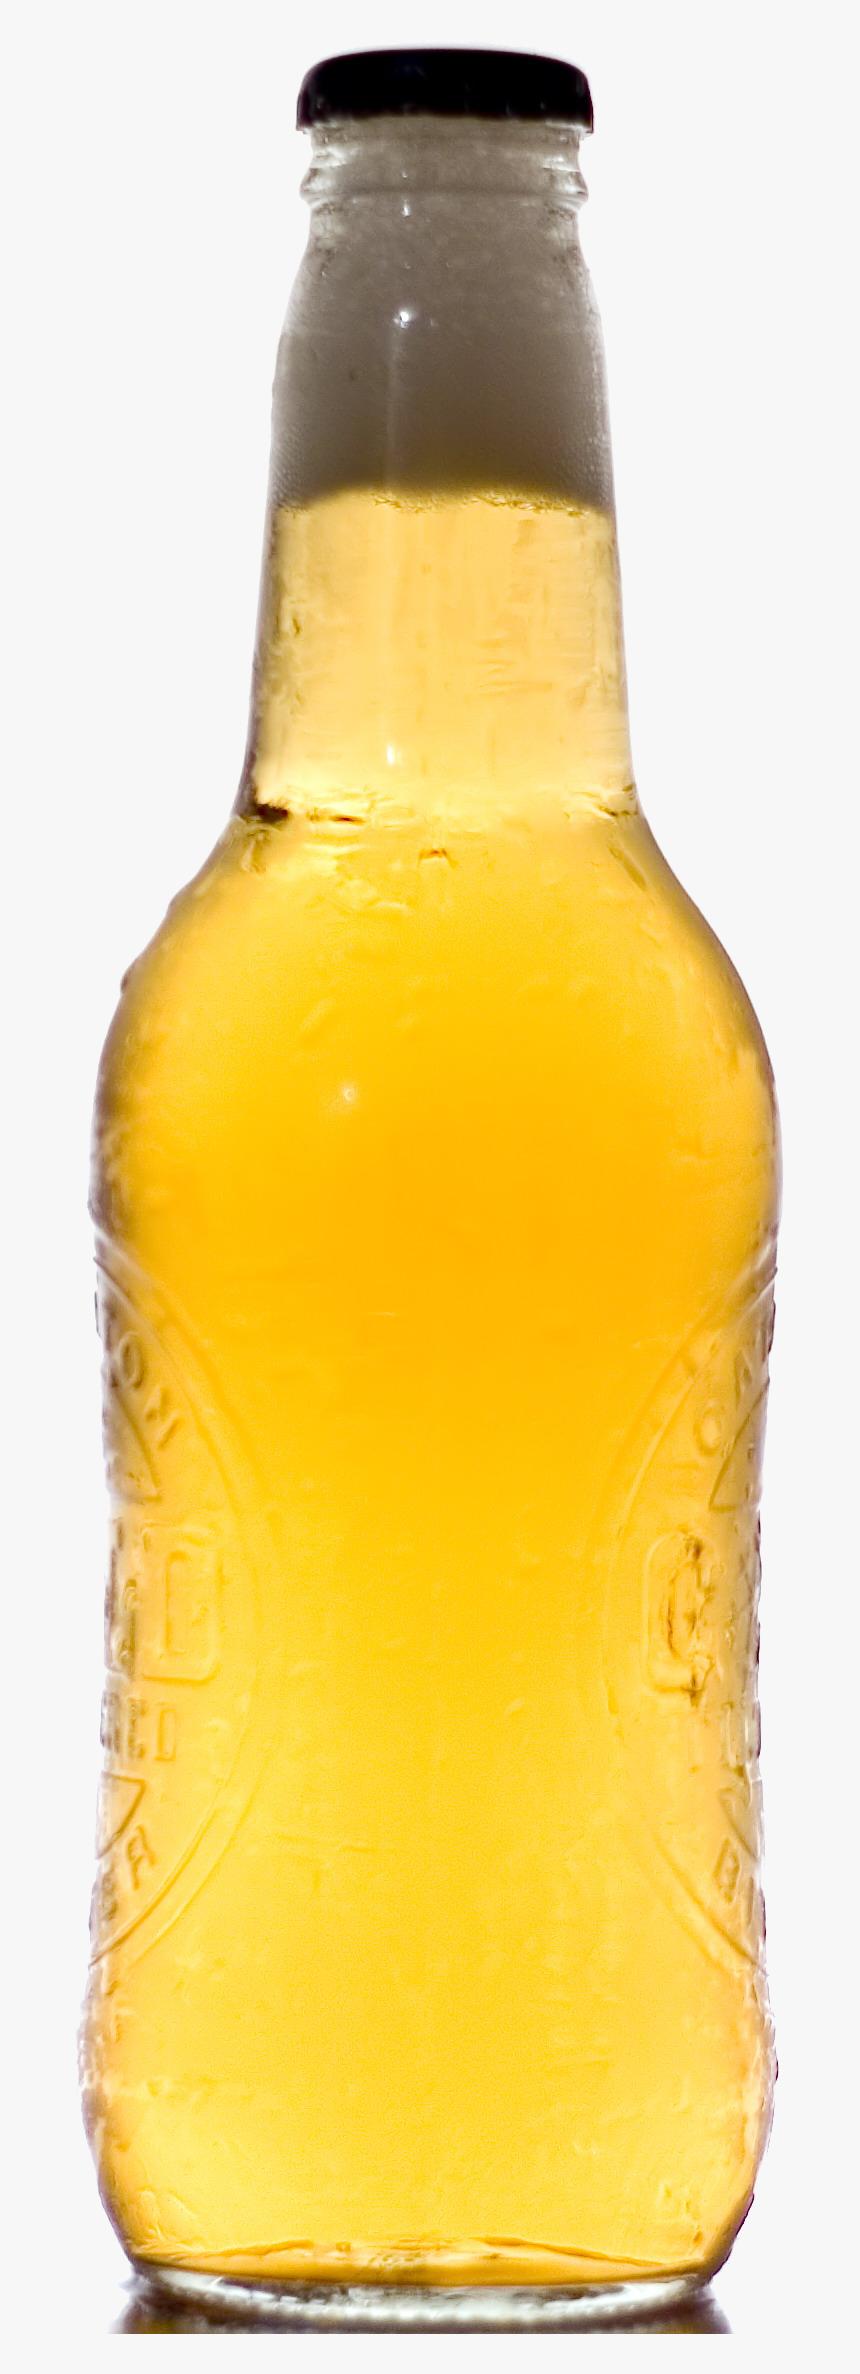 Beer Bottle Png Image, Download Picture - Beer Bottle Transparent Background, Png Download, Free Download